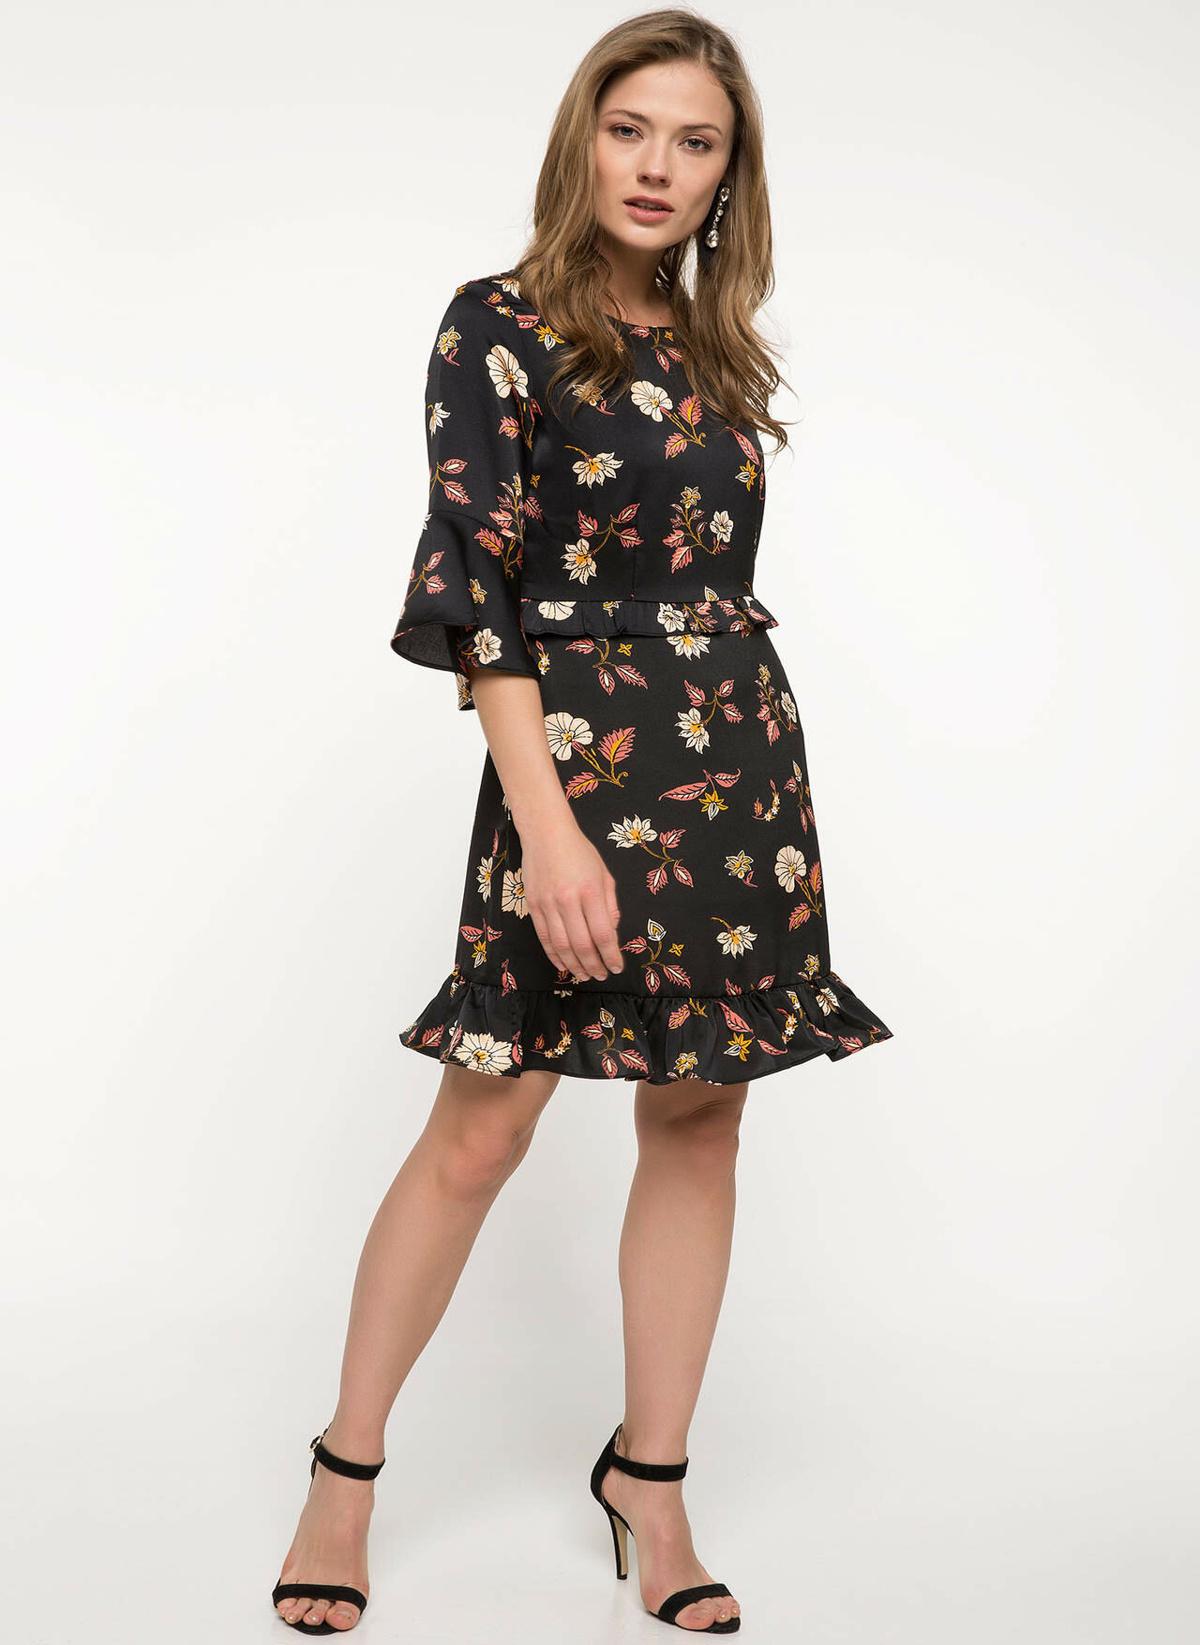 Defacto Çiçek Desenli Fırfır Detaylı Elbise I9677az18spbk46elbise – 69.99 TL